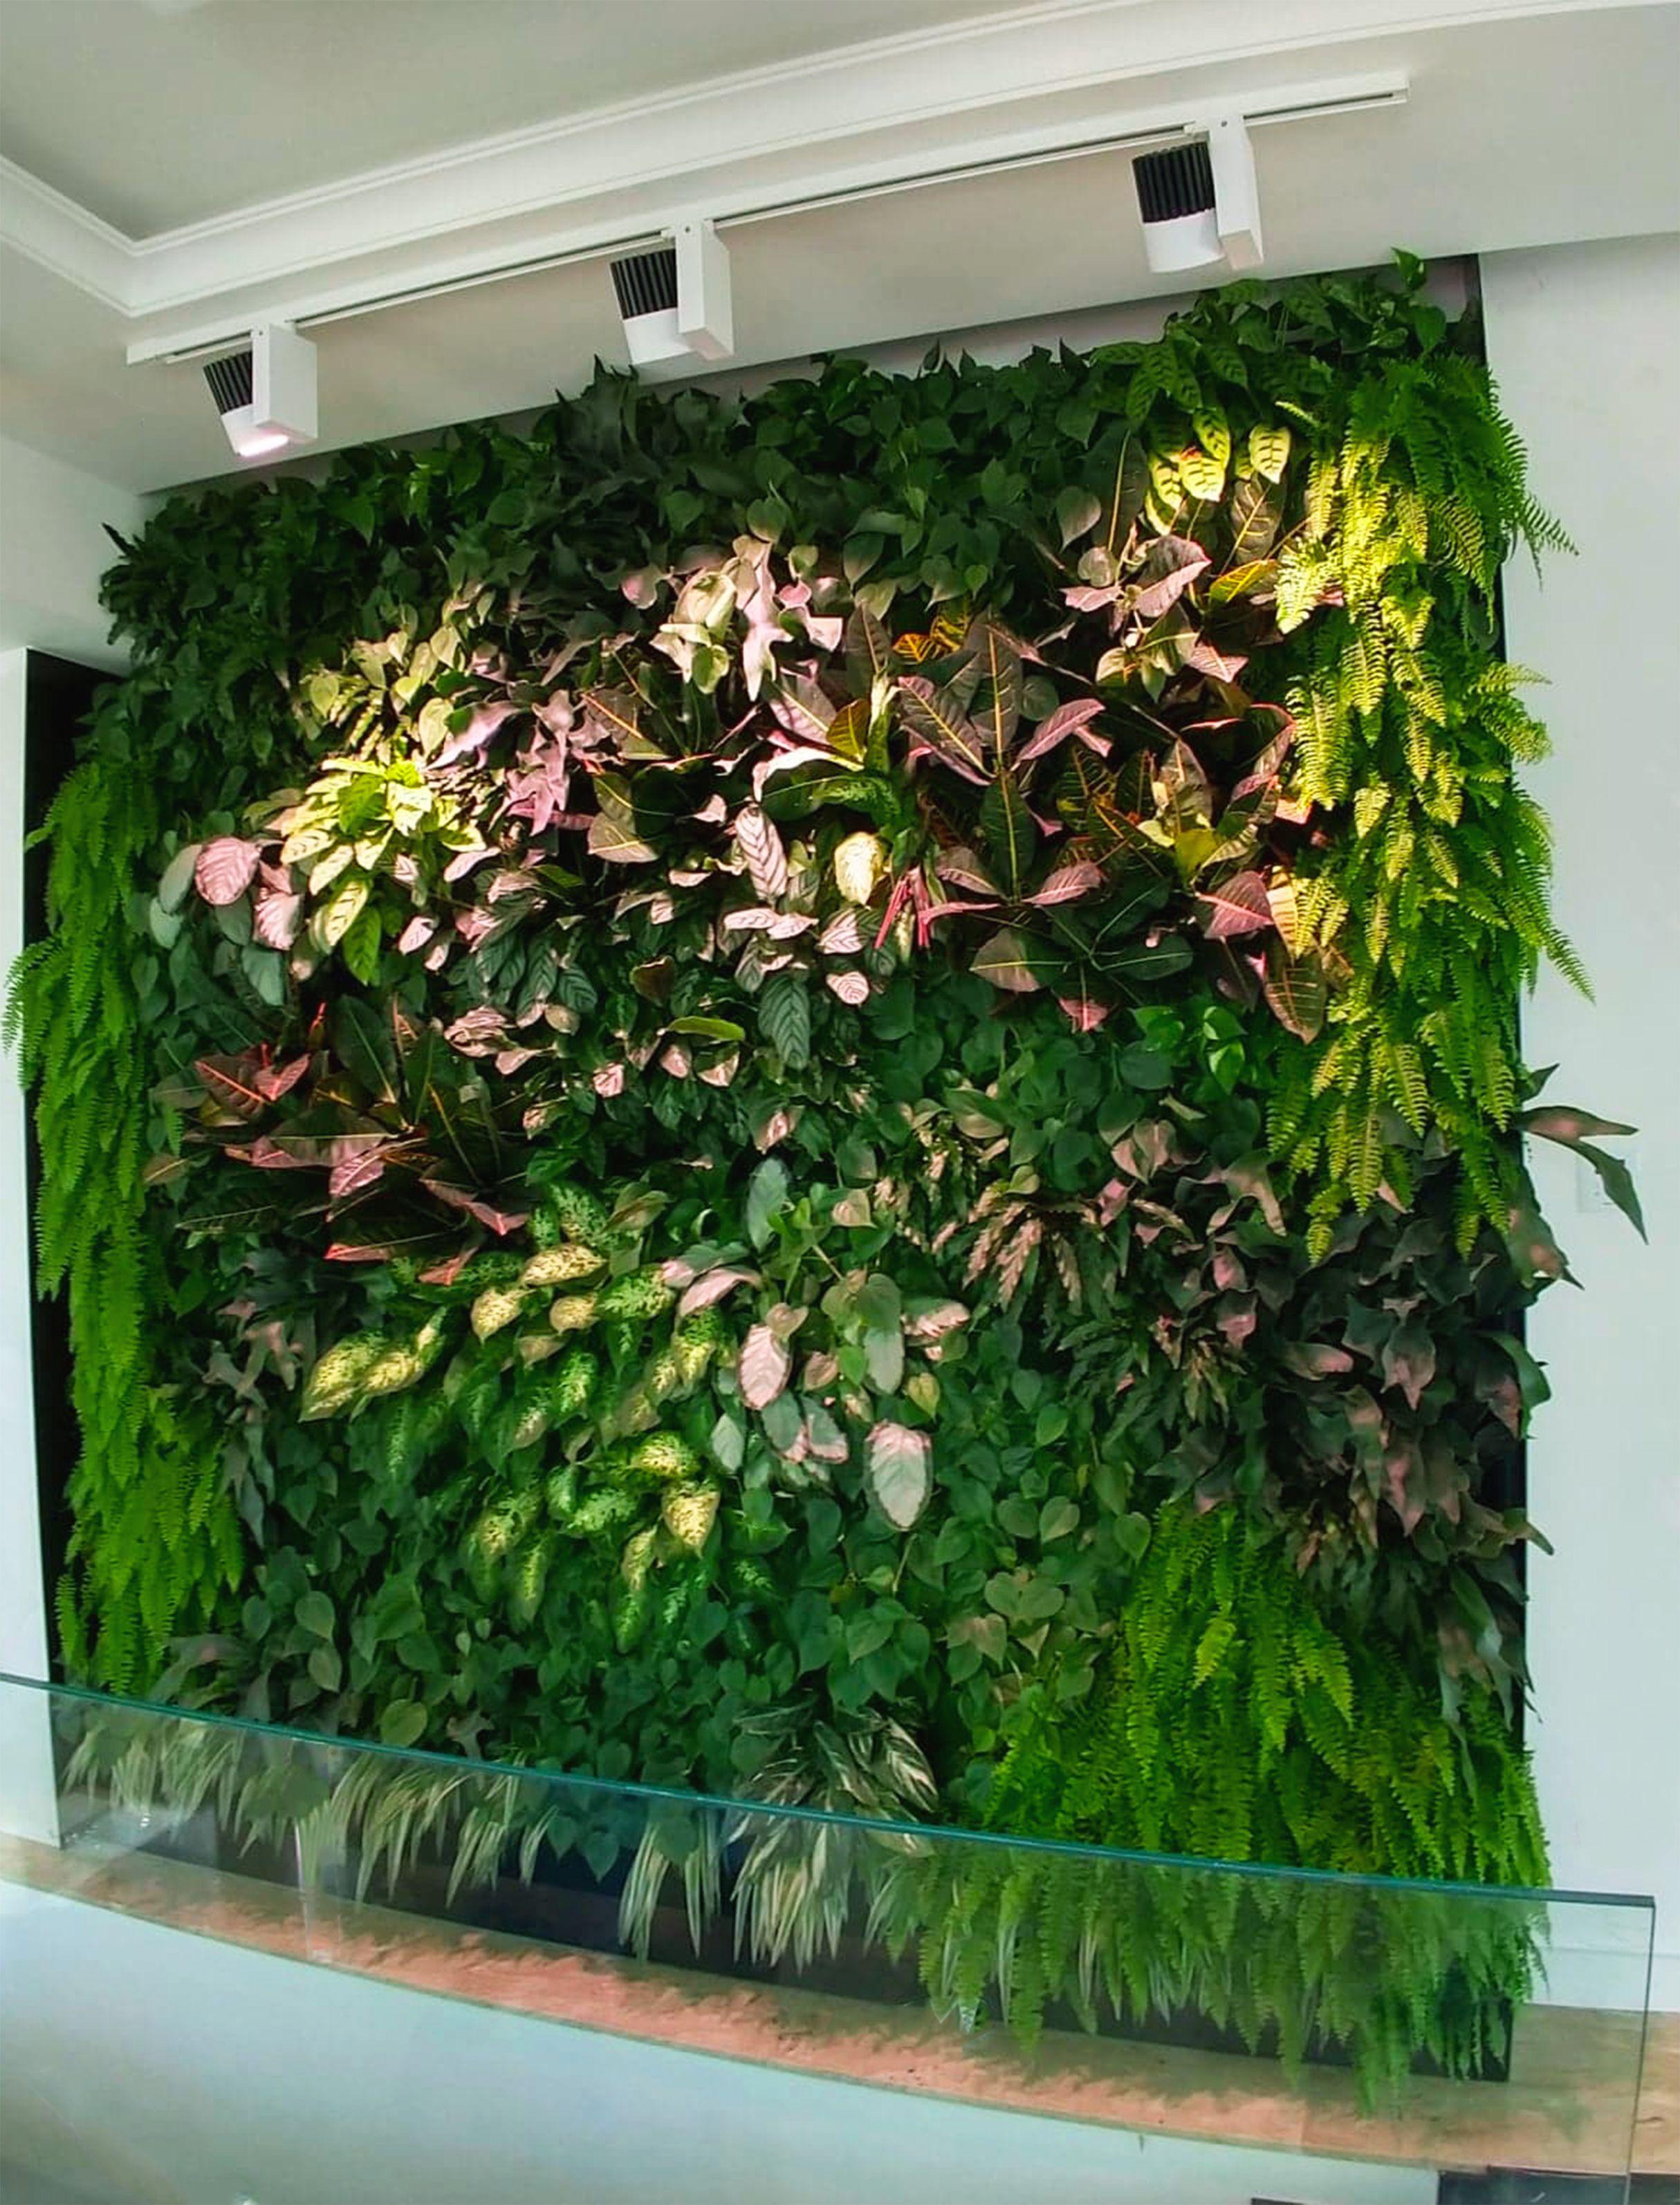 Sciana Z Roslin Ogrod Wertykalny Sciana Wodna Zielona Sciana Green Wall Plants Interior Design Vertical Garden Decor